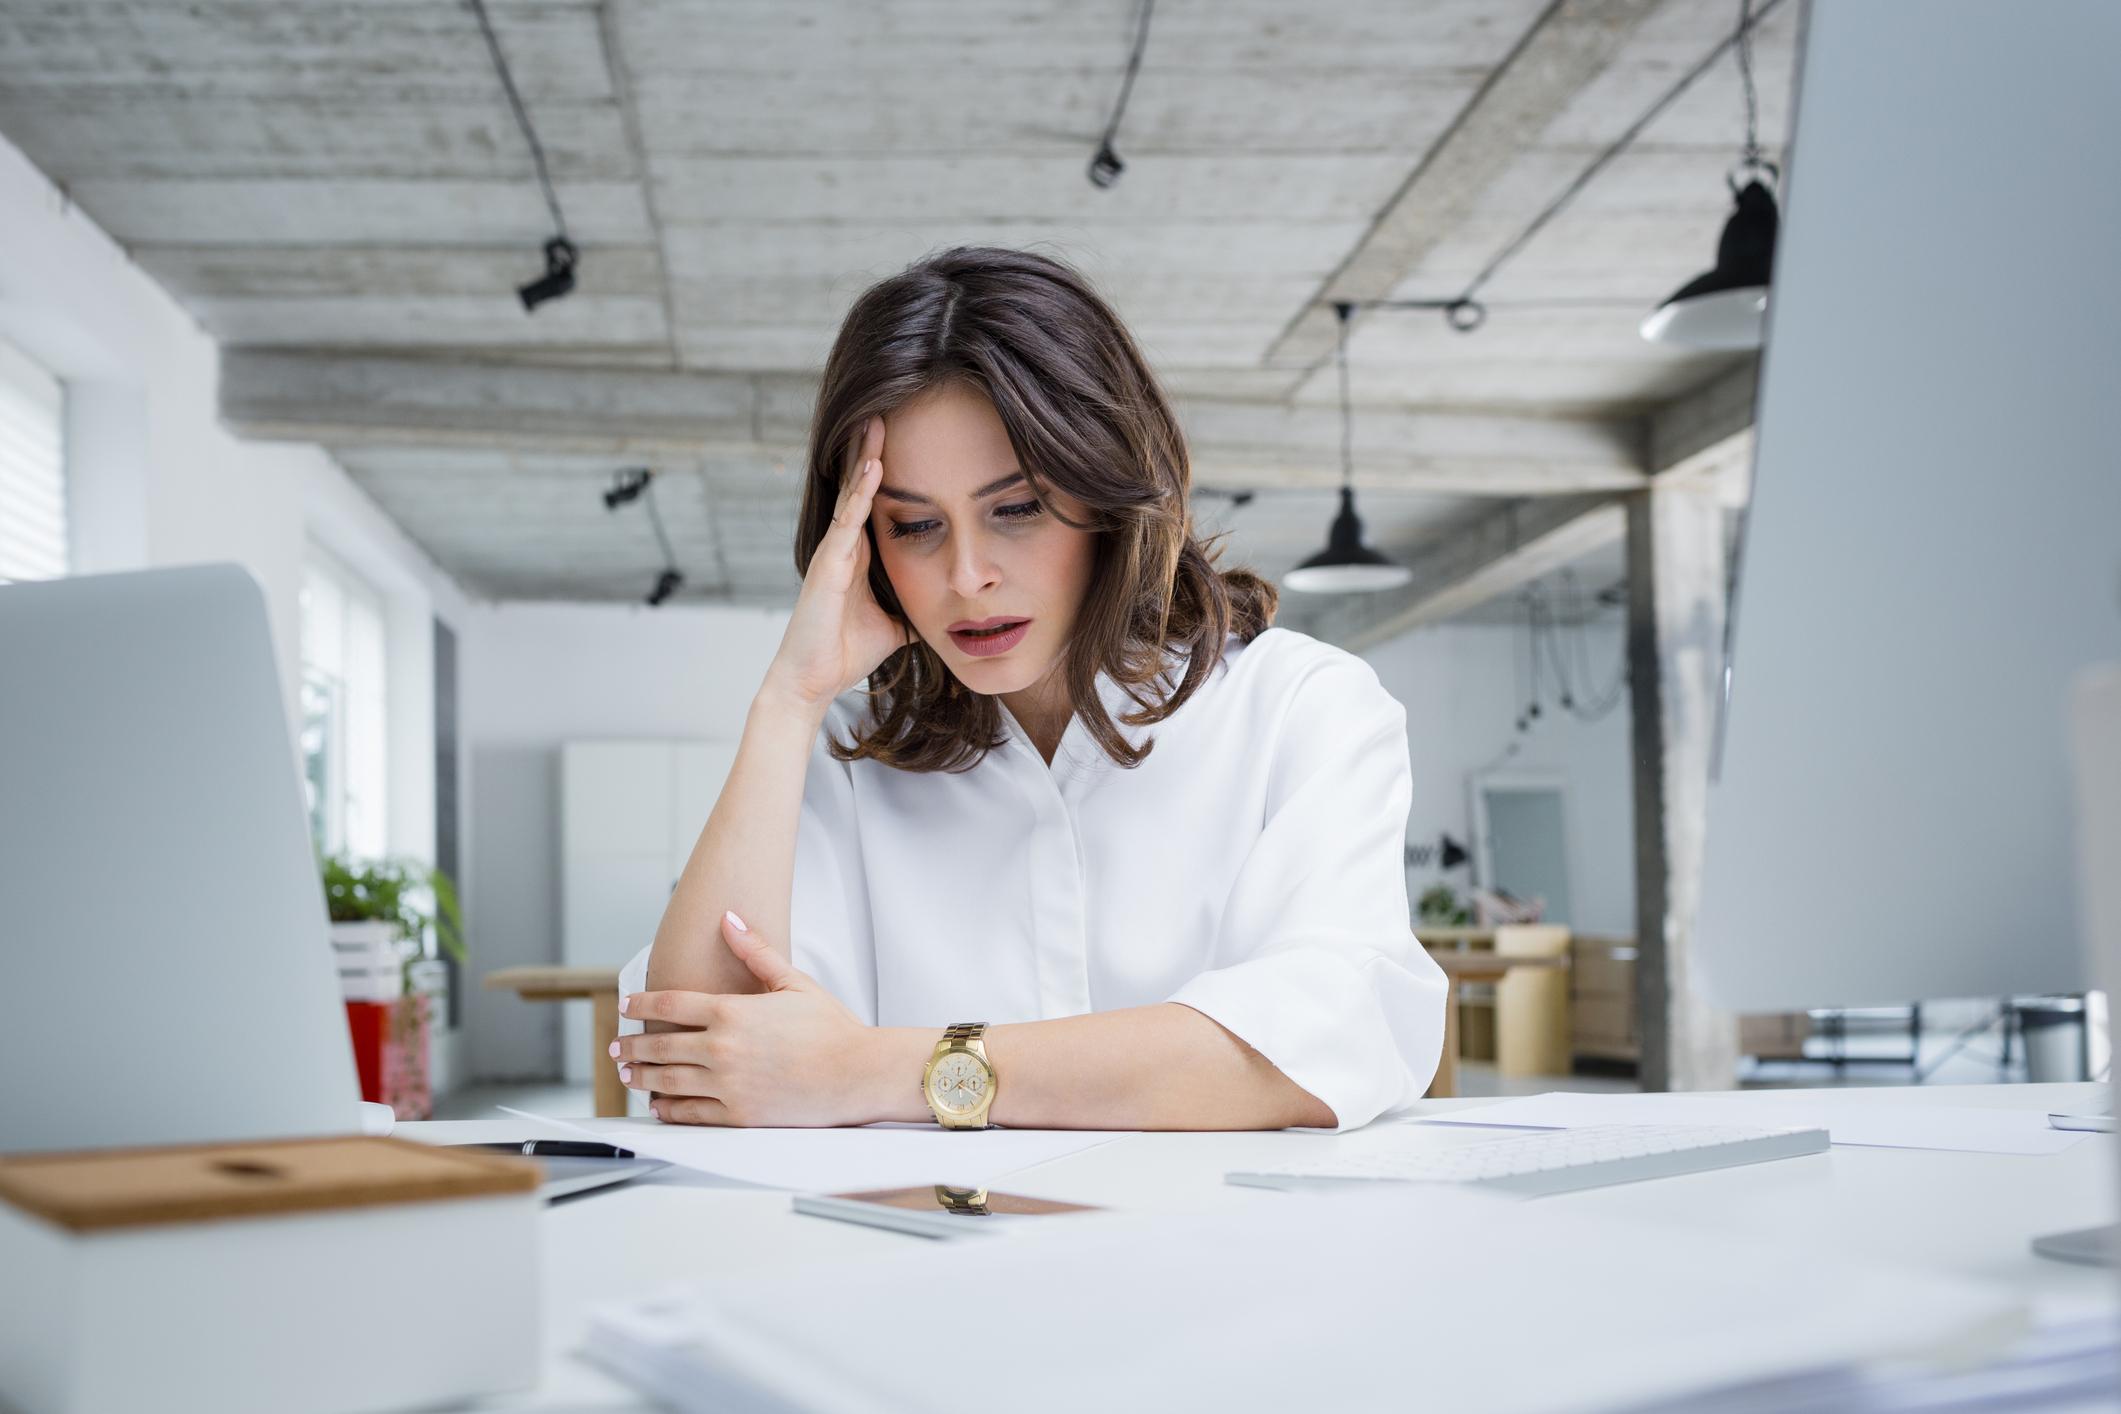 Inovação em tempos de crise – Entrevista com Lina Volpini